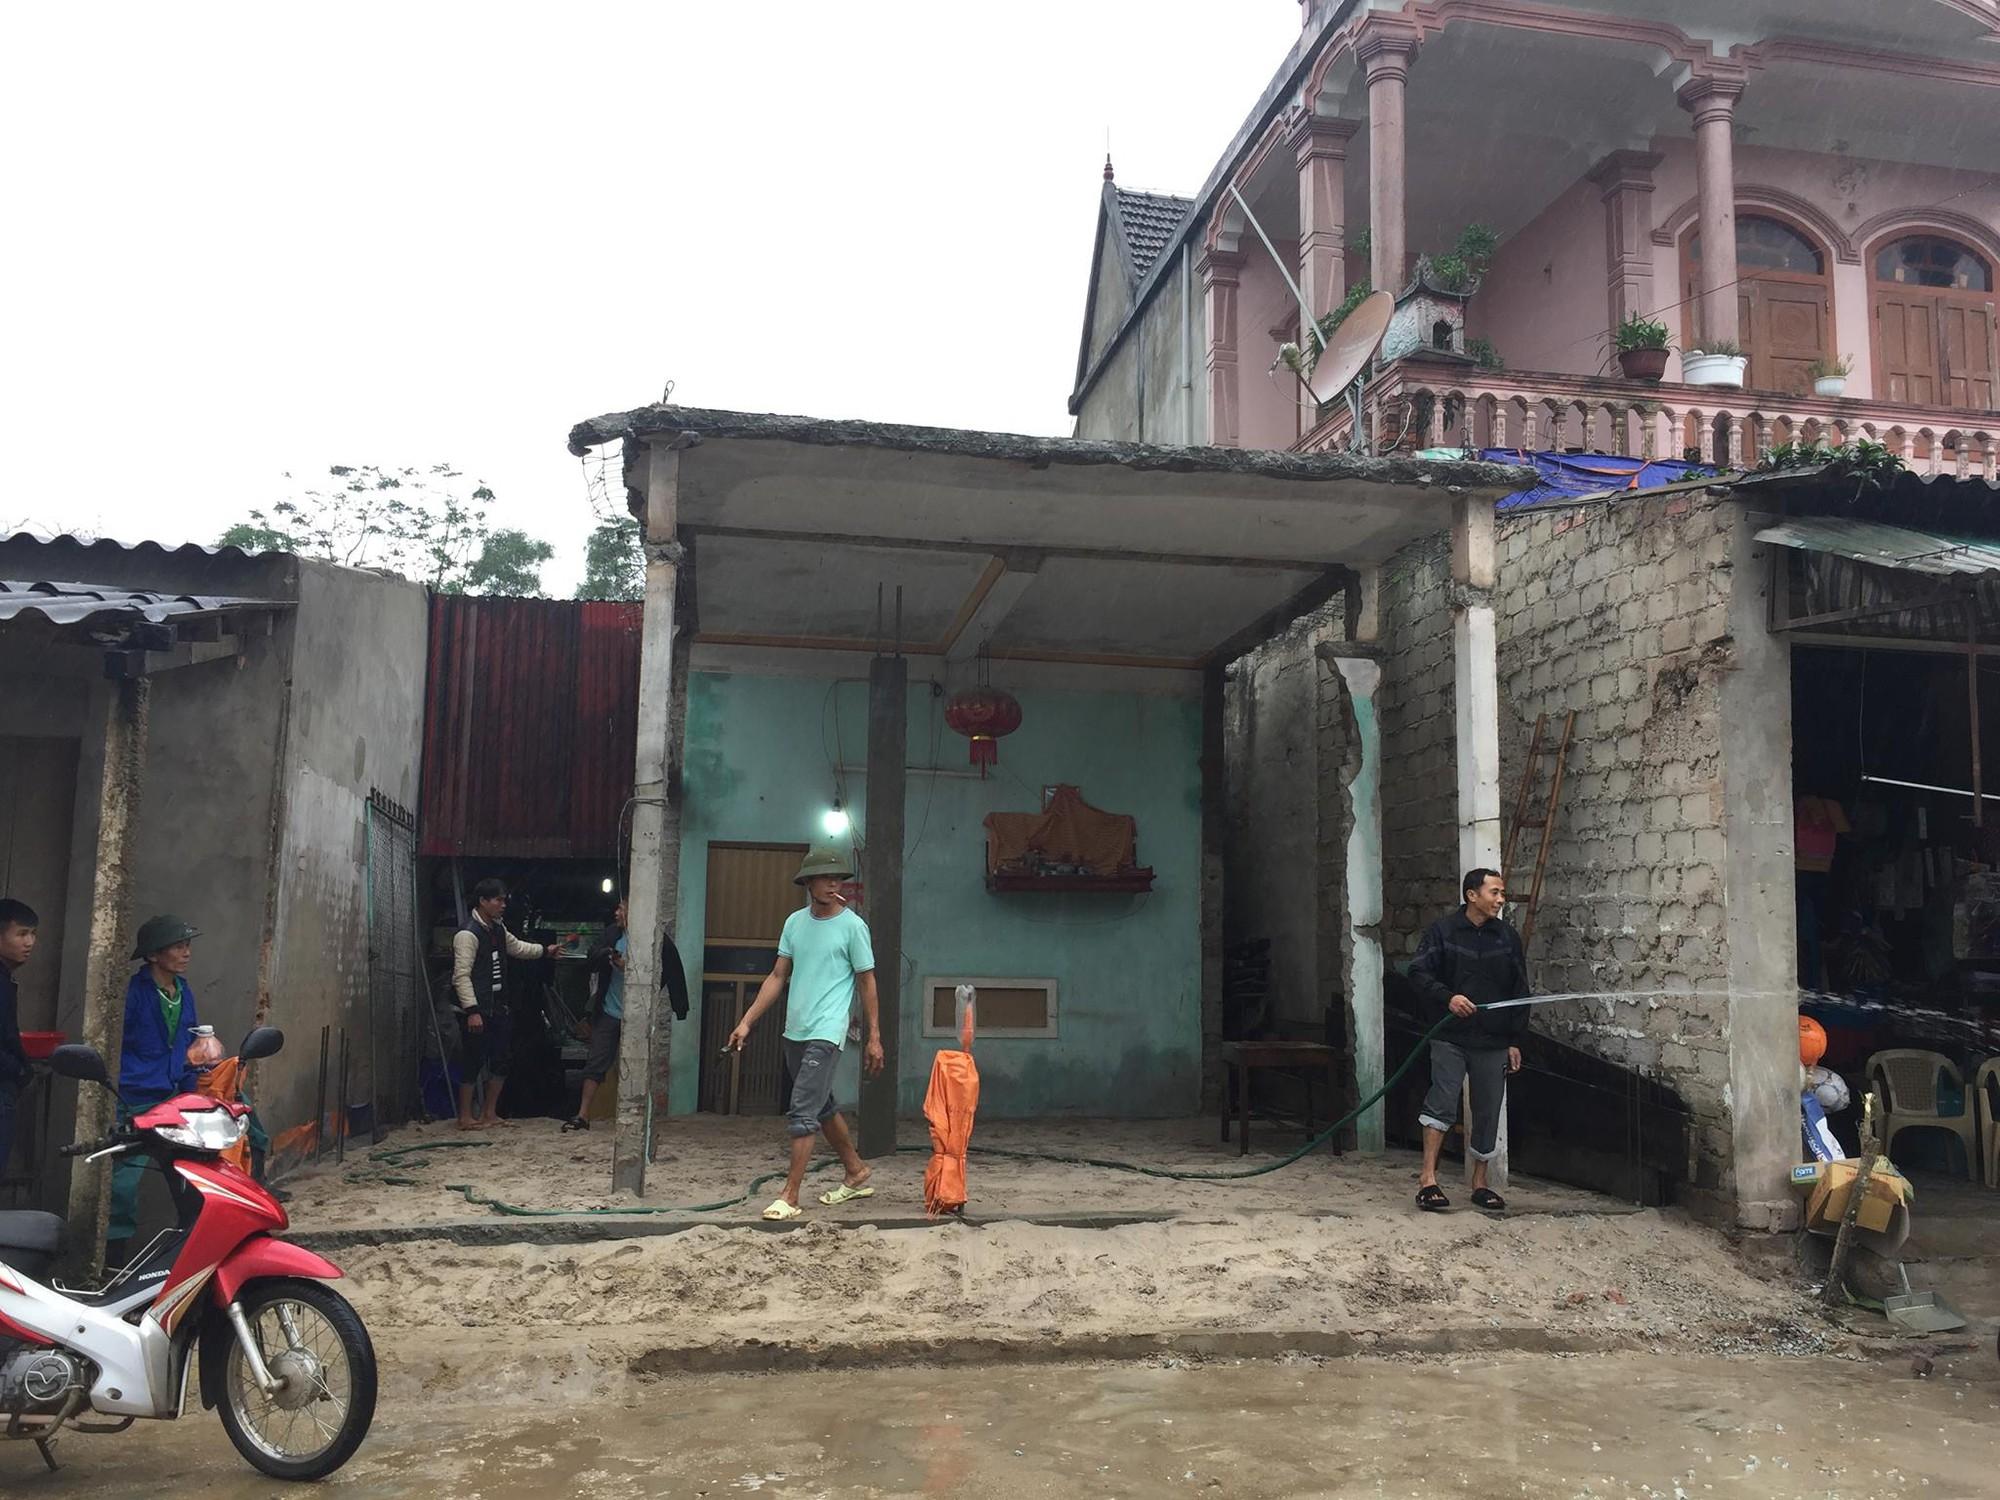 Vụ 6 công nhân tử vong trong hỏa hoạn ở Đài Loan: Nước mắt của người mẹ nơi quê nhà